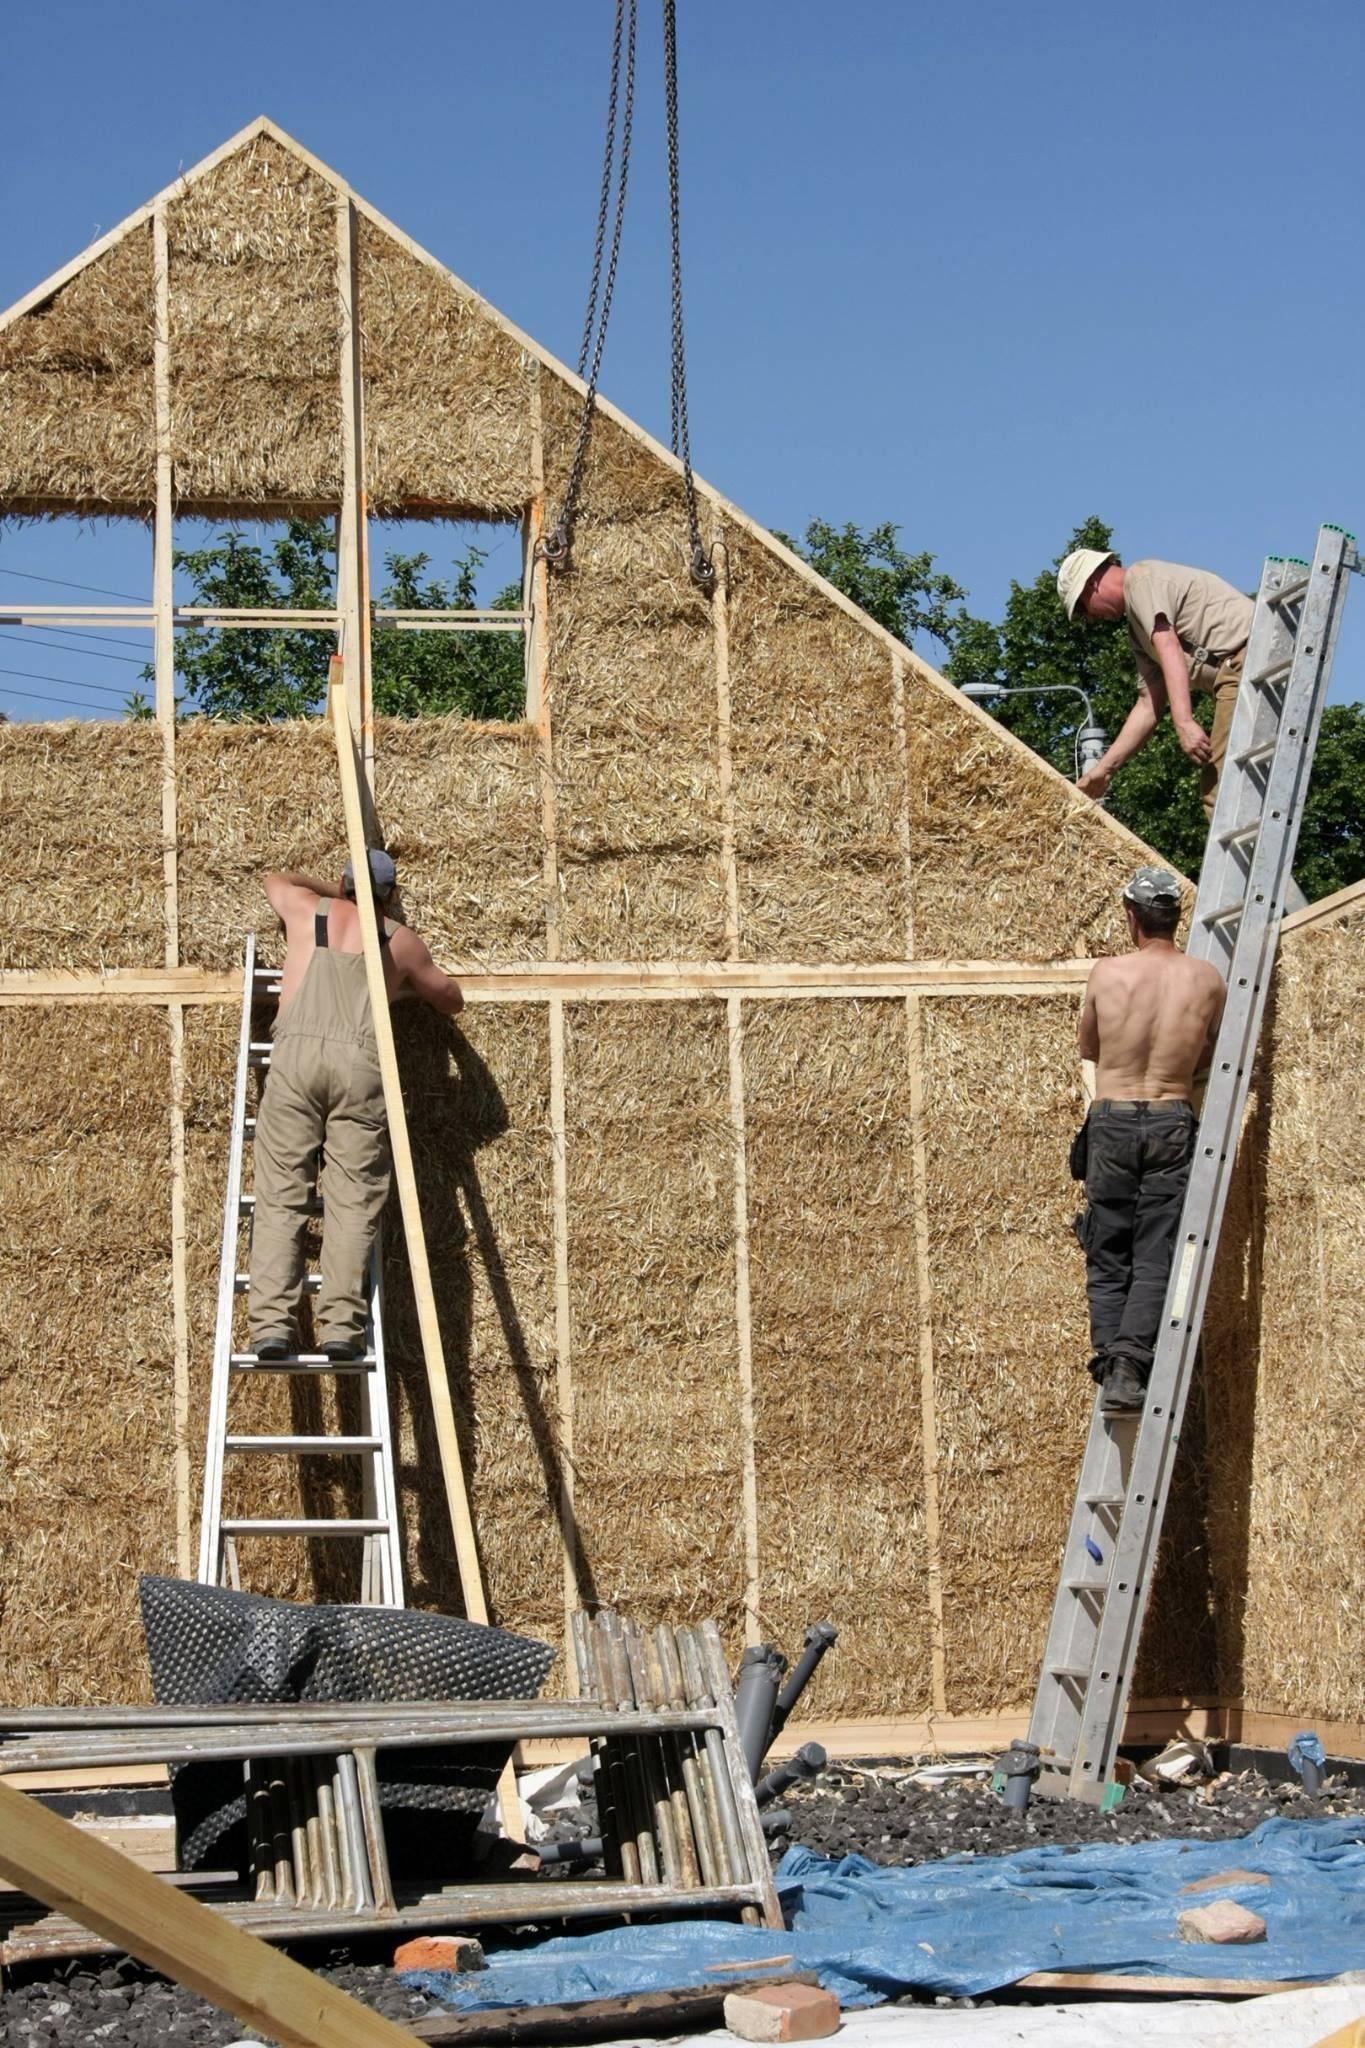 Как построить дом недорого: критерии, своими руками или подряд, пункты экономии и реализация